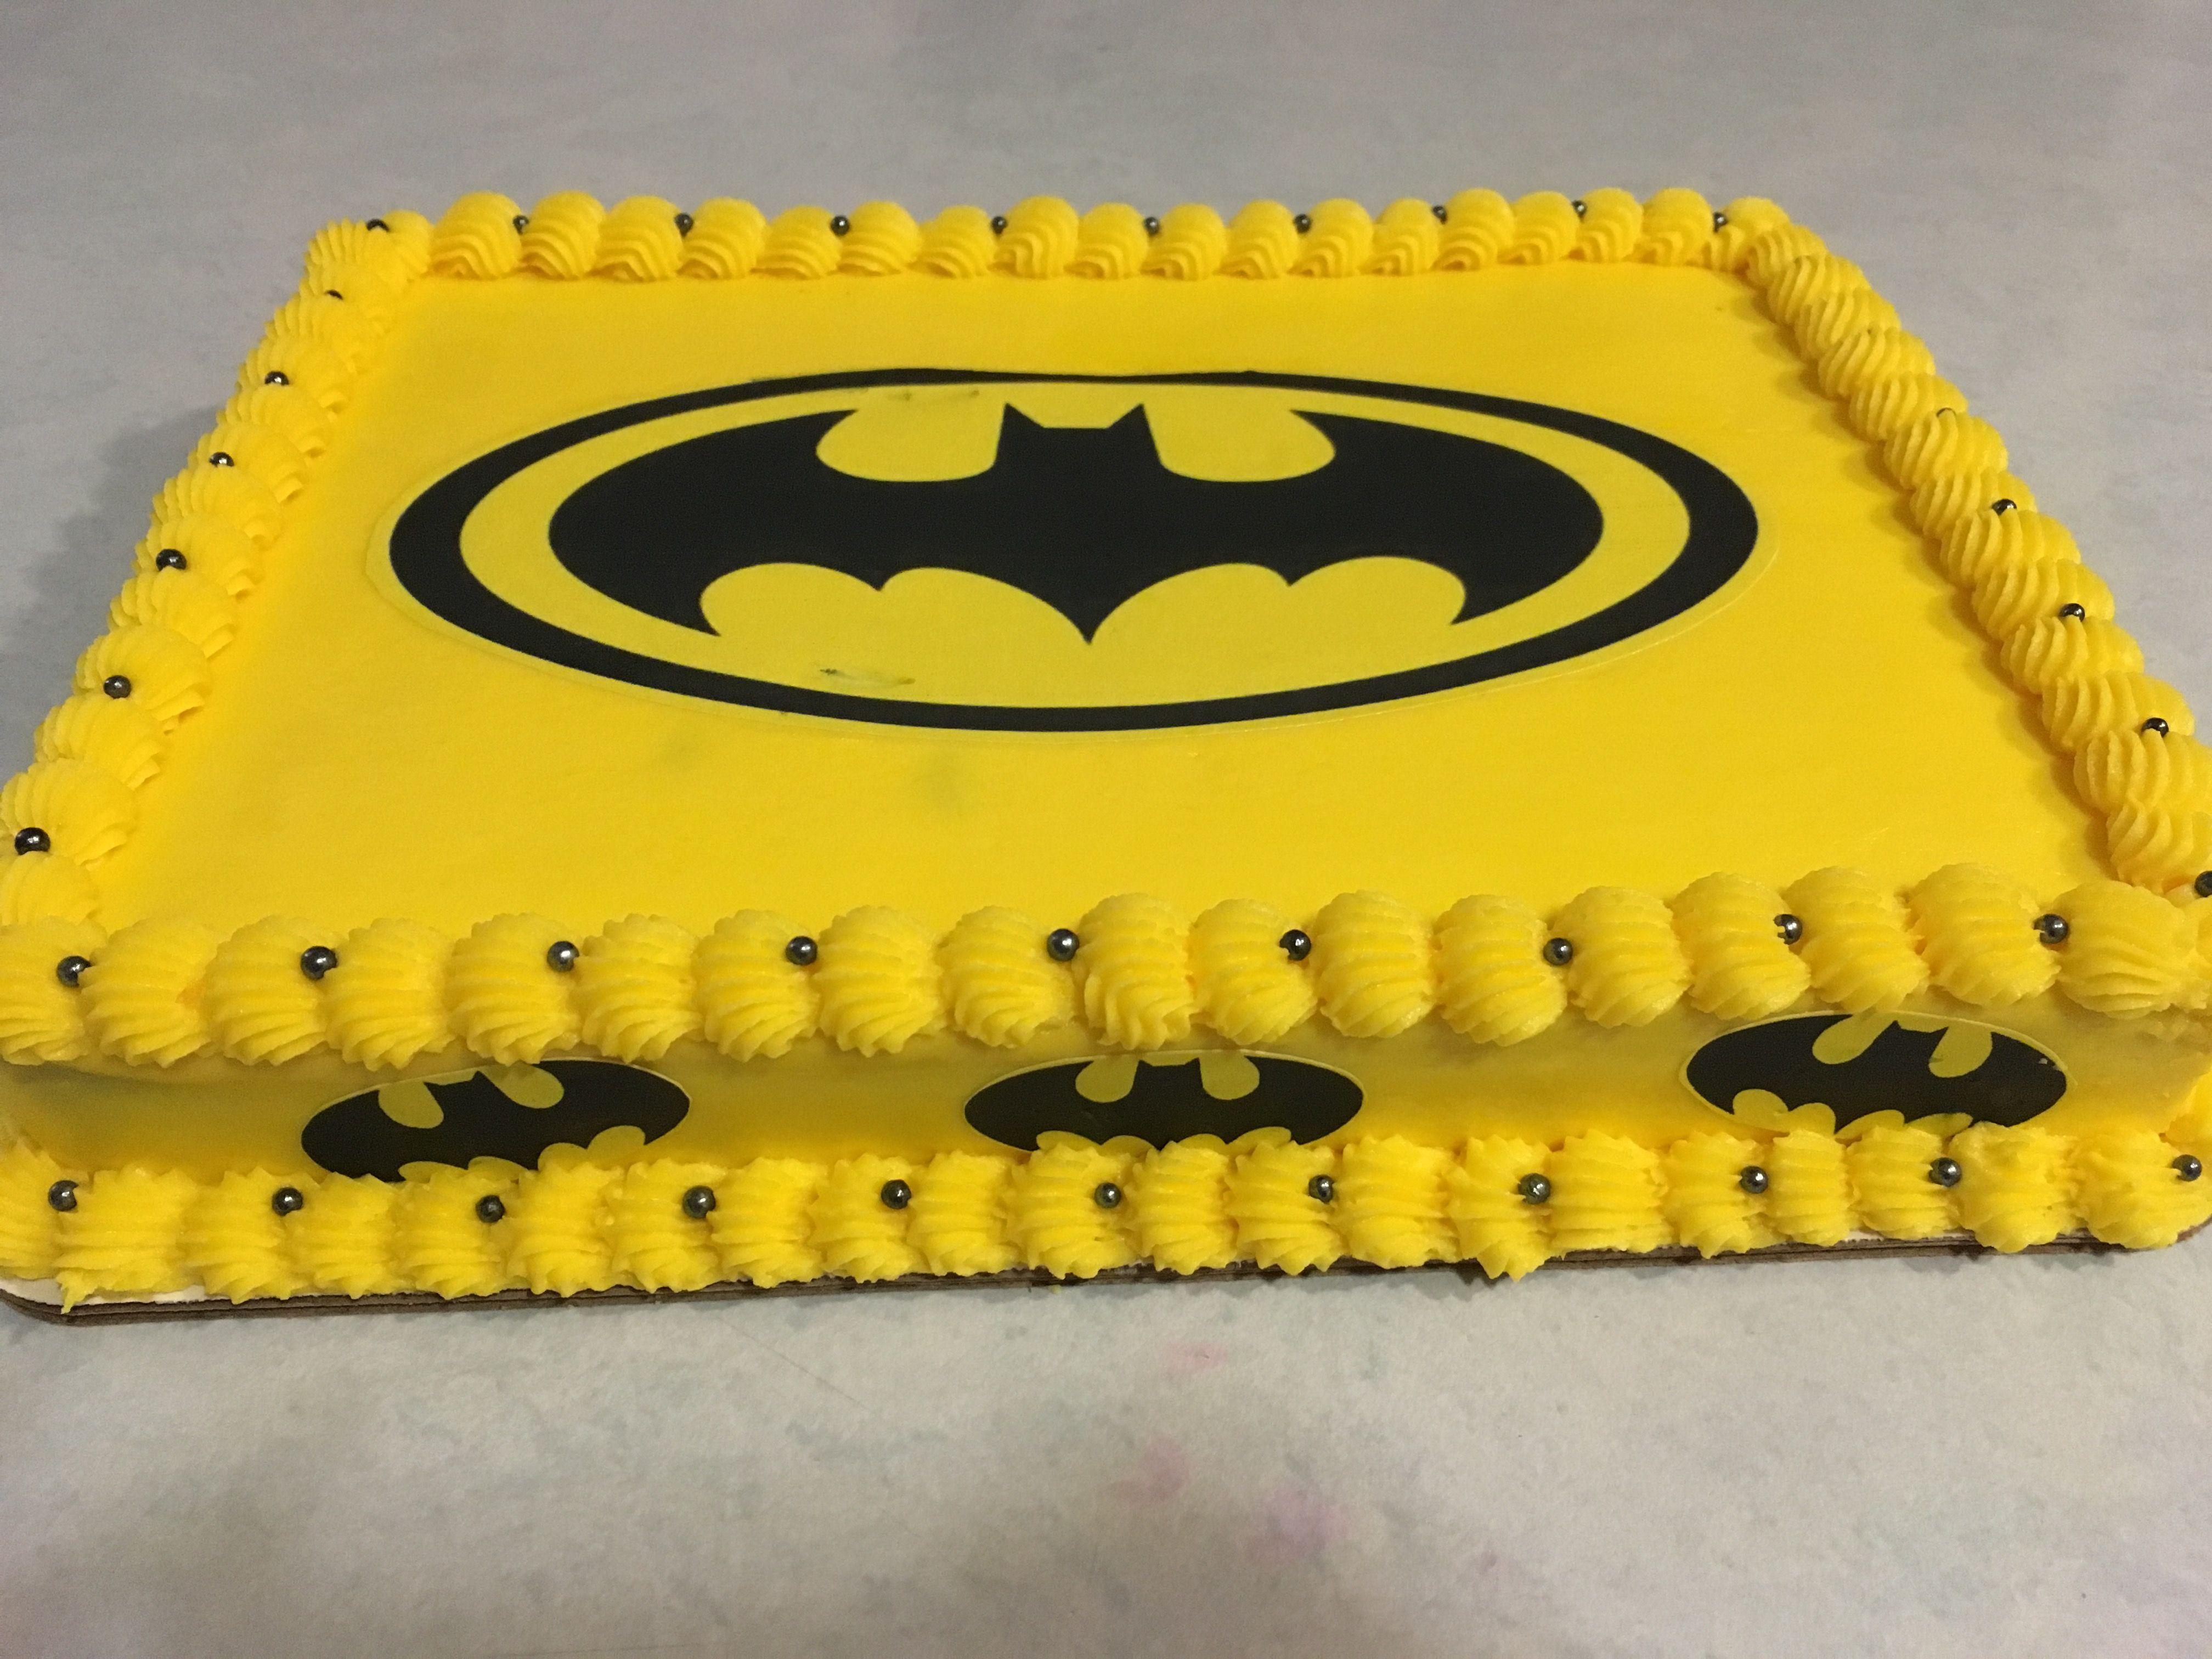 1/4 sheet cake pan walmart